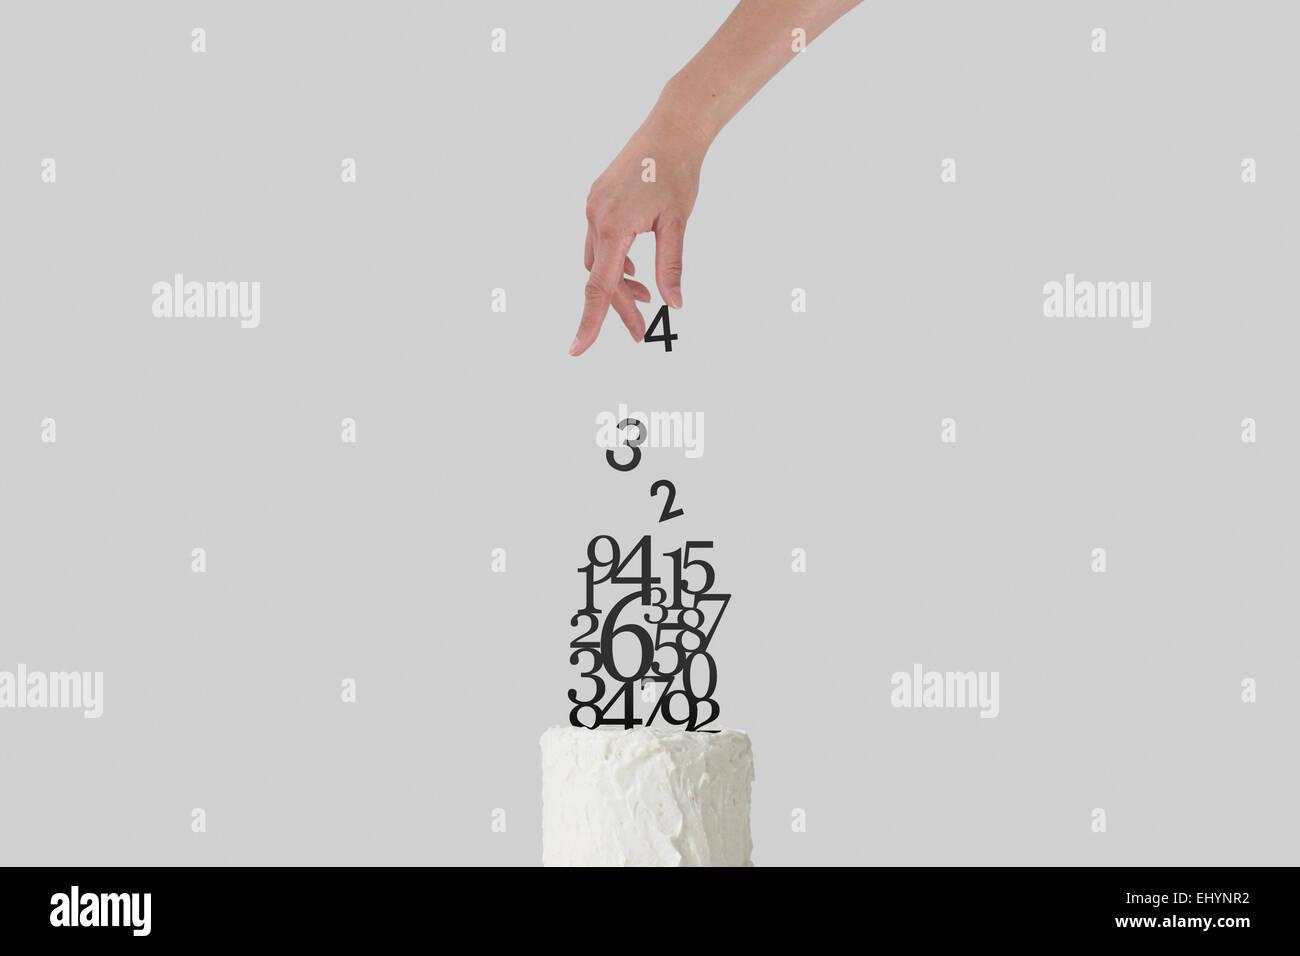 Un arrosage à la main certains numéros sur un gâteau blanc Photo Stock